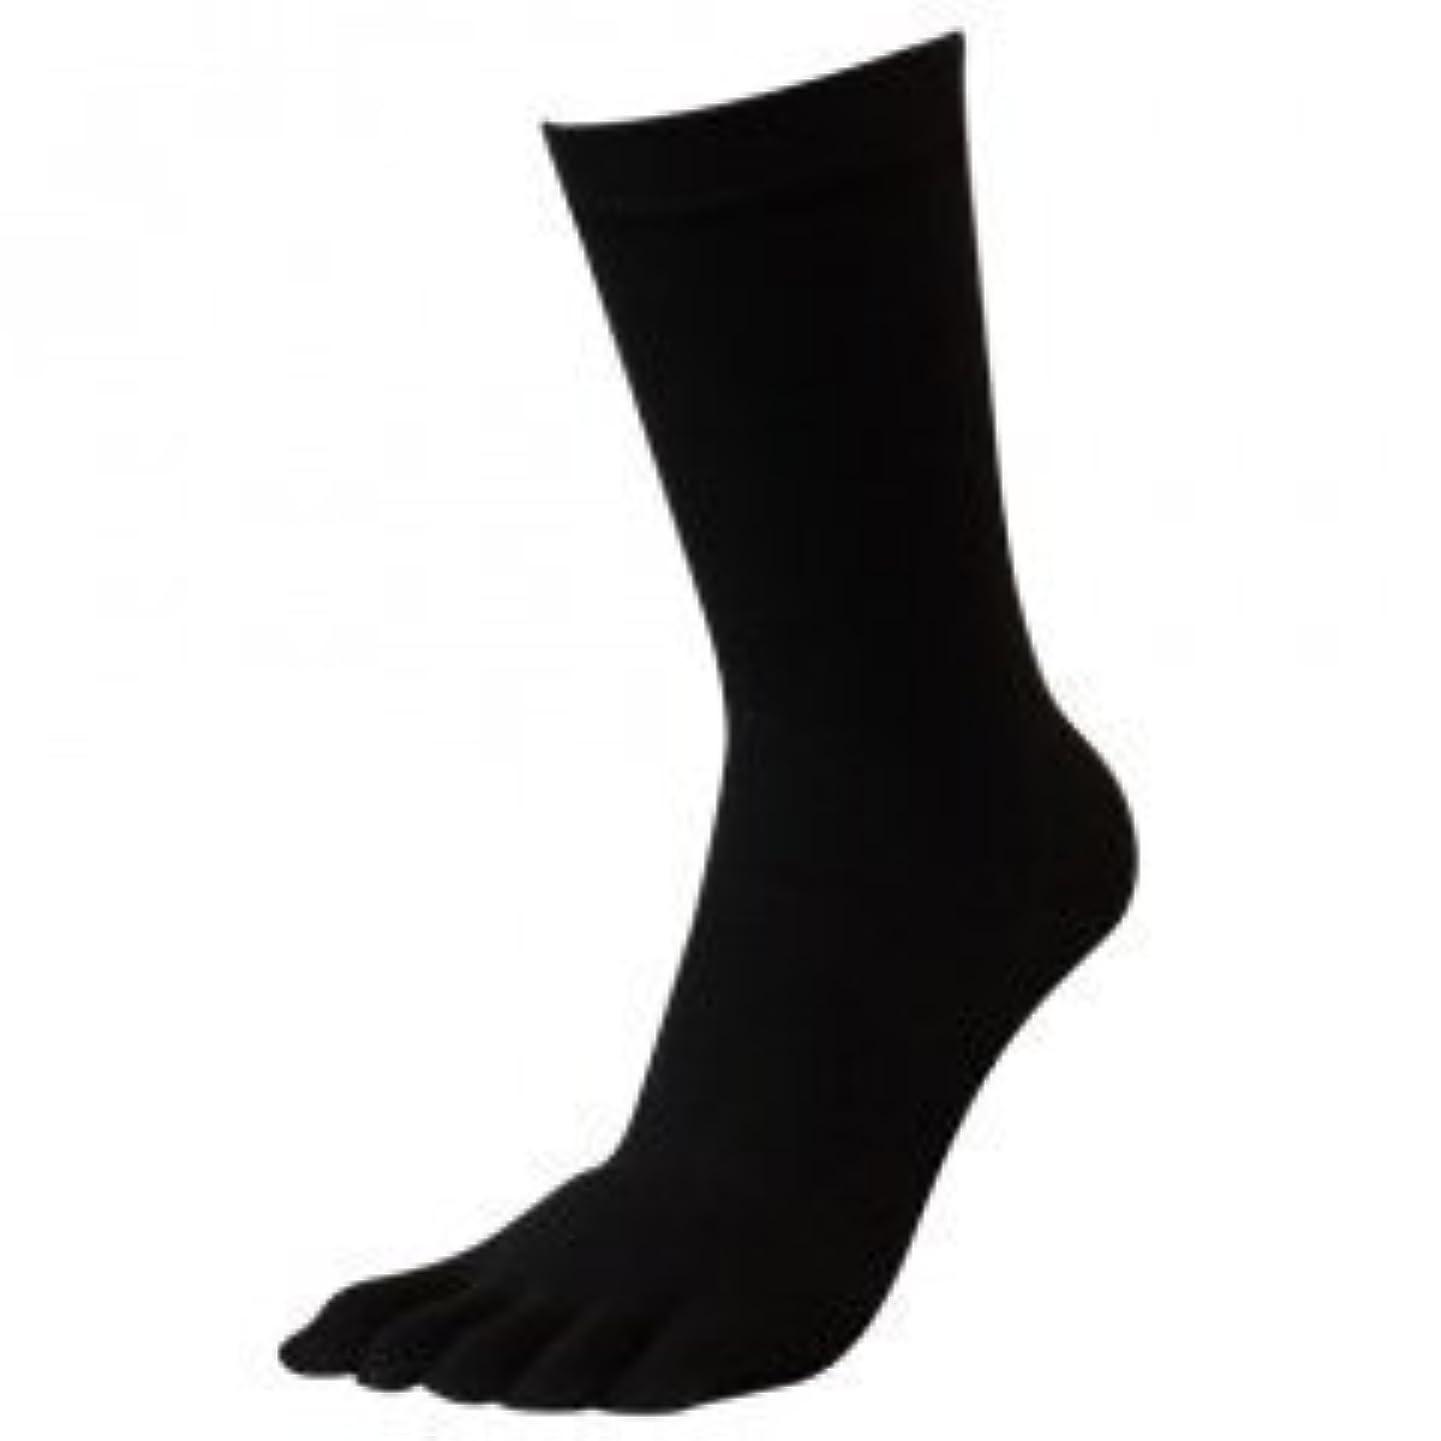 靴まとめる見落とすブリーズブロンズ 5本指ソックス【黒】 急速分解消臭 匂わない消臭靴下 (22~24㎝)